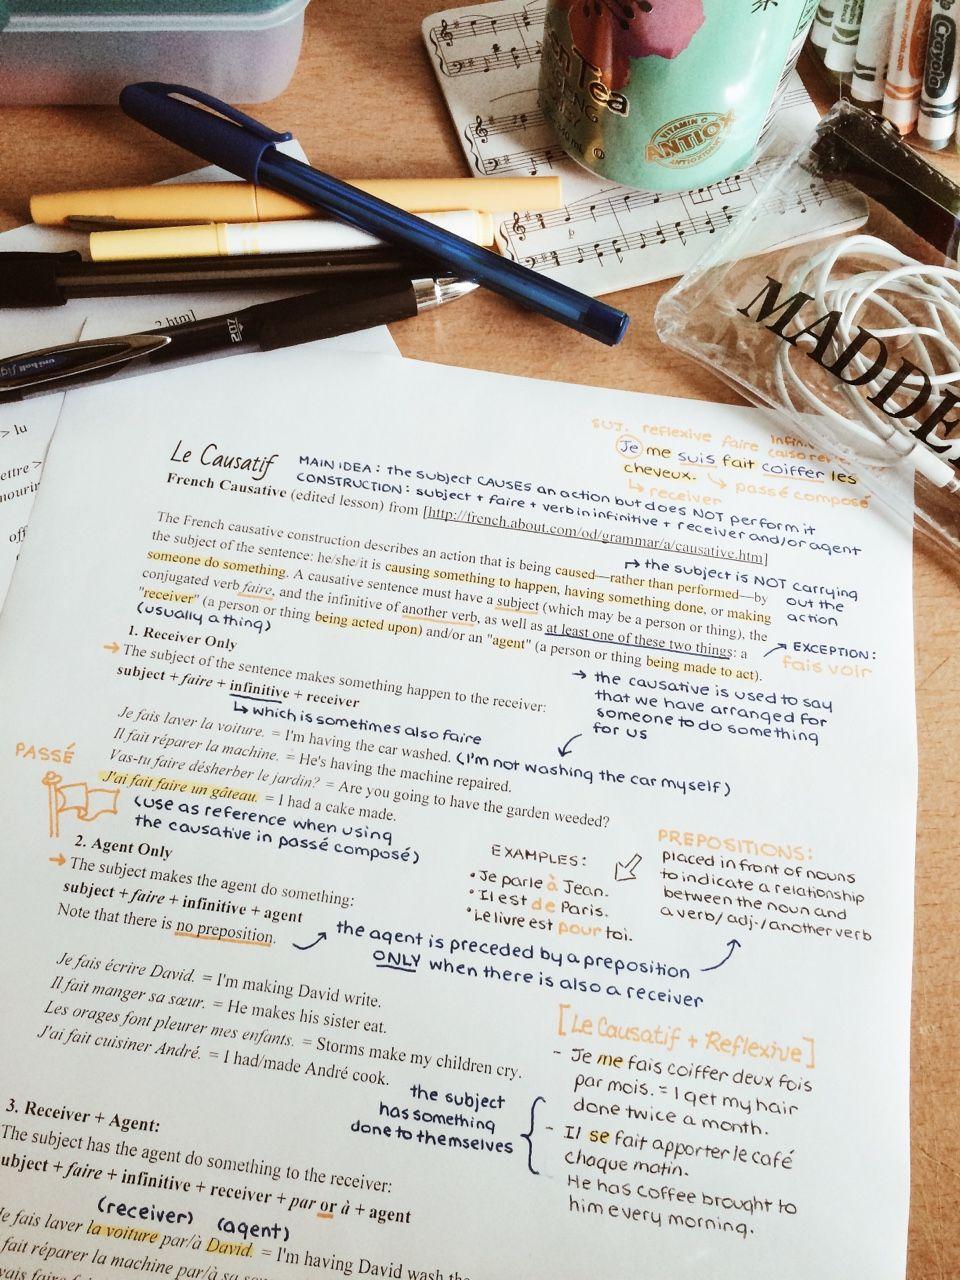 Essays in love writer de botton crossword clue